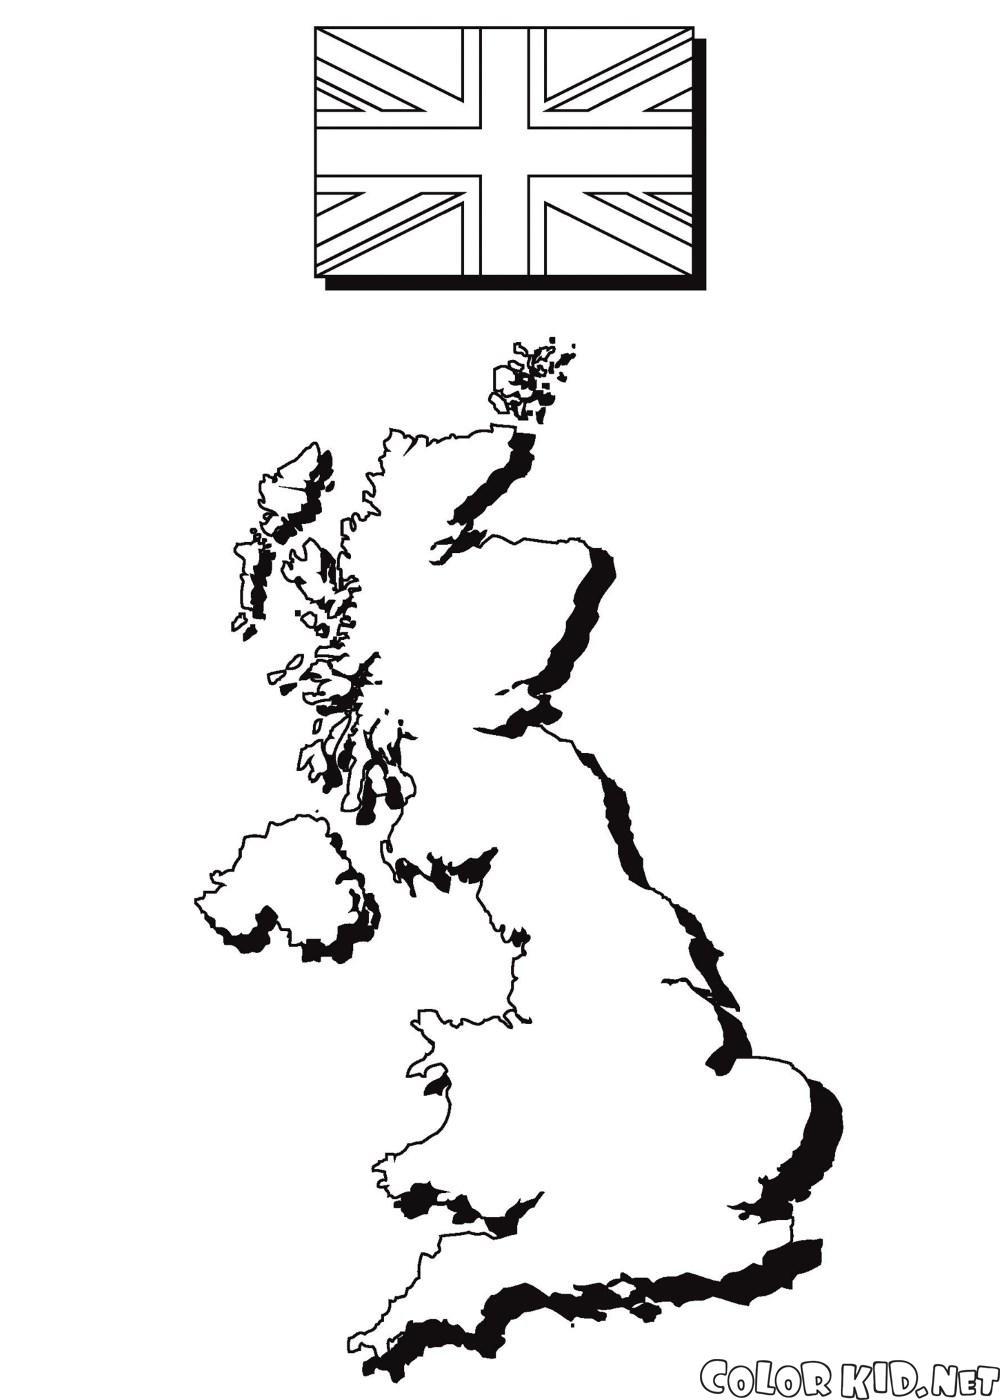 Dibujo para colorear - El mapa y la bandera de Inglaterra